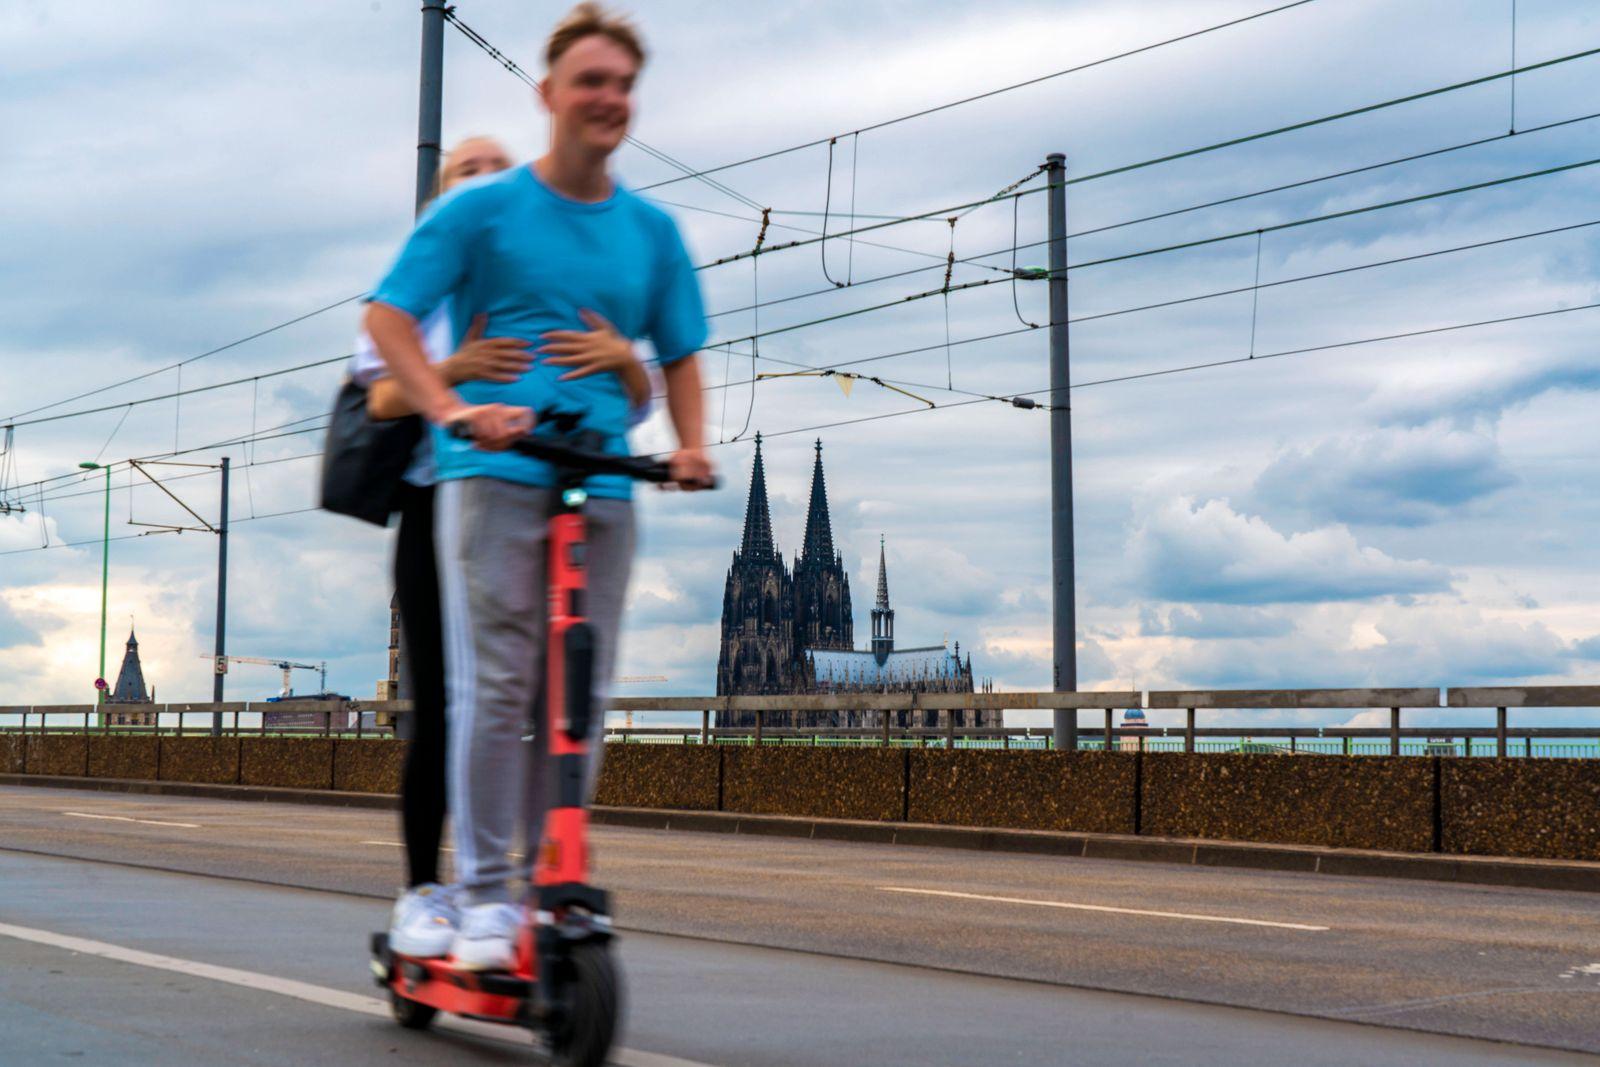 Mobilit?t in der Gro?stadt, E-Scooter Fahrer auf der Deutzer Br¸cke in K?ln, K?lner Dom, Radweg, NRW, Deutschland E-Scoo